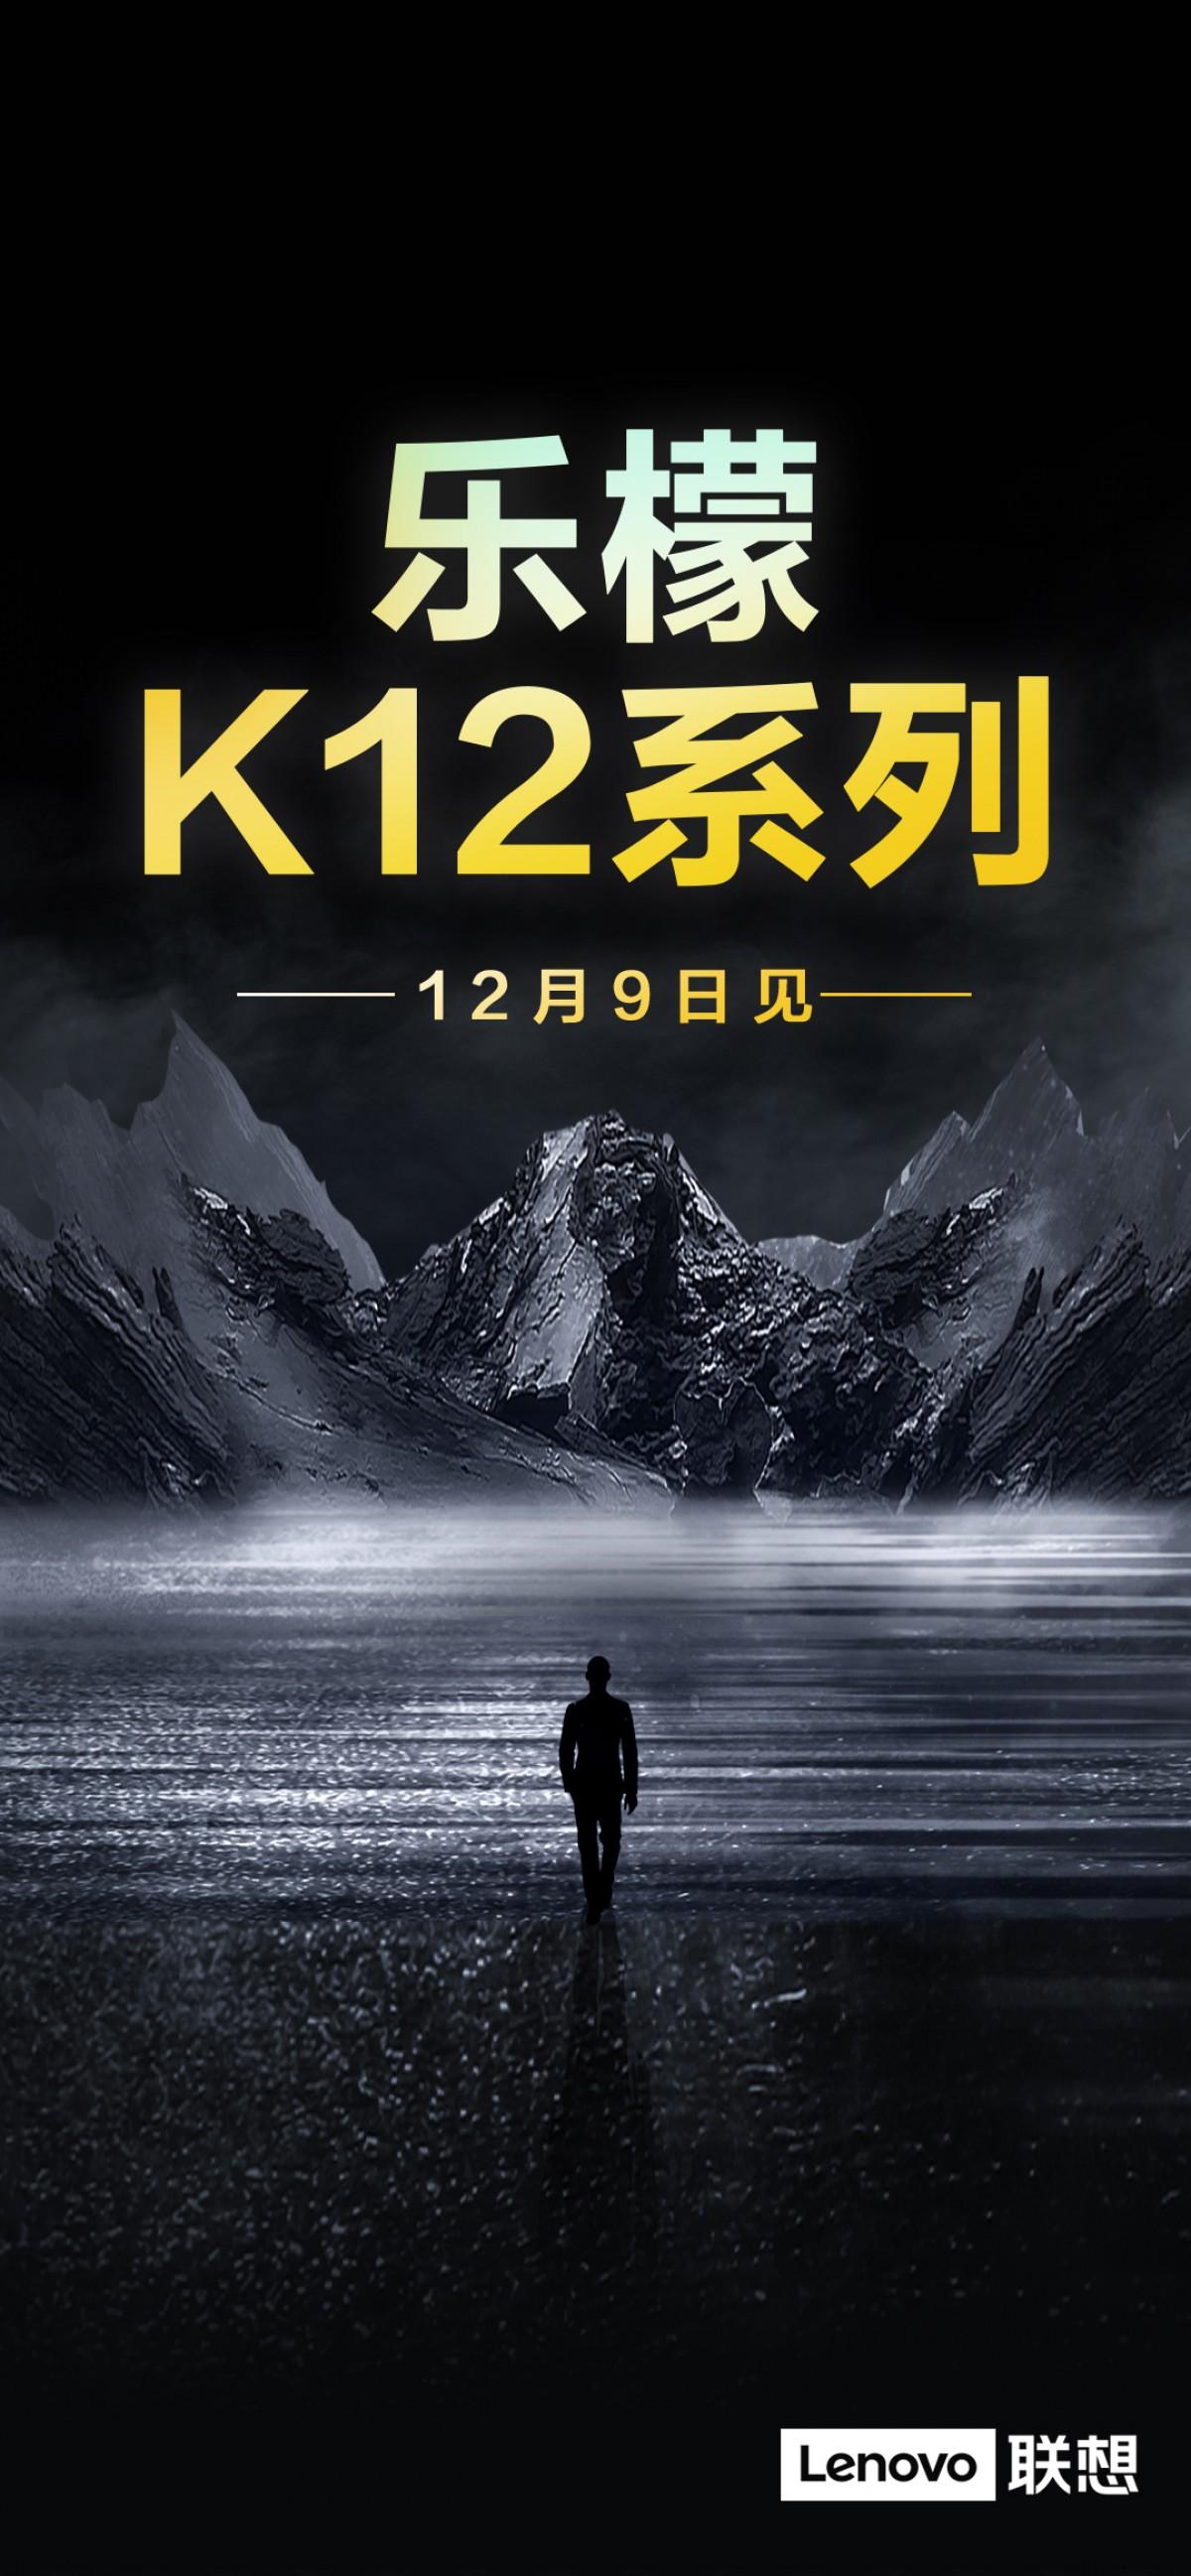 Lenovo officially teases Lemon K12 Series, to be announced December 9